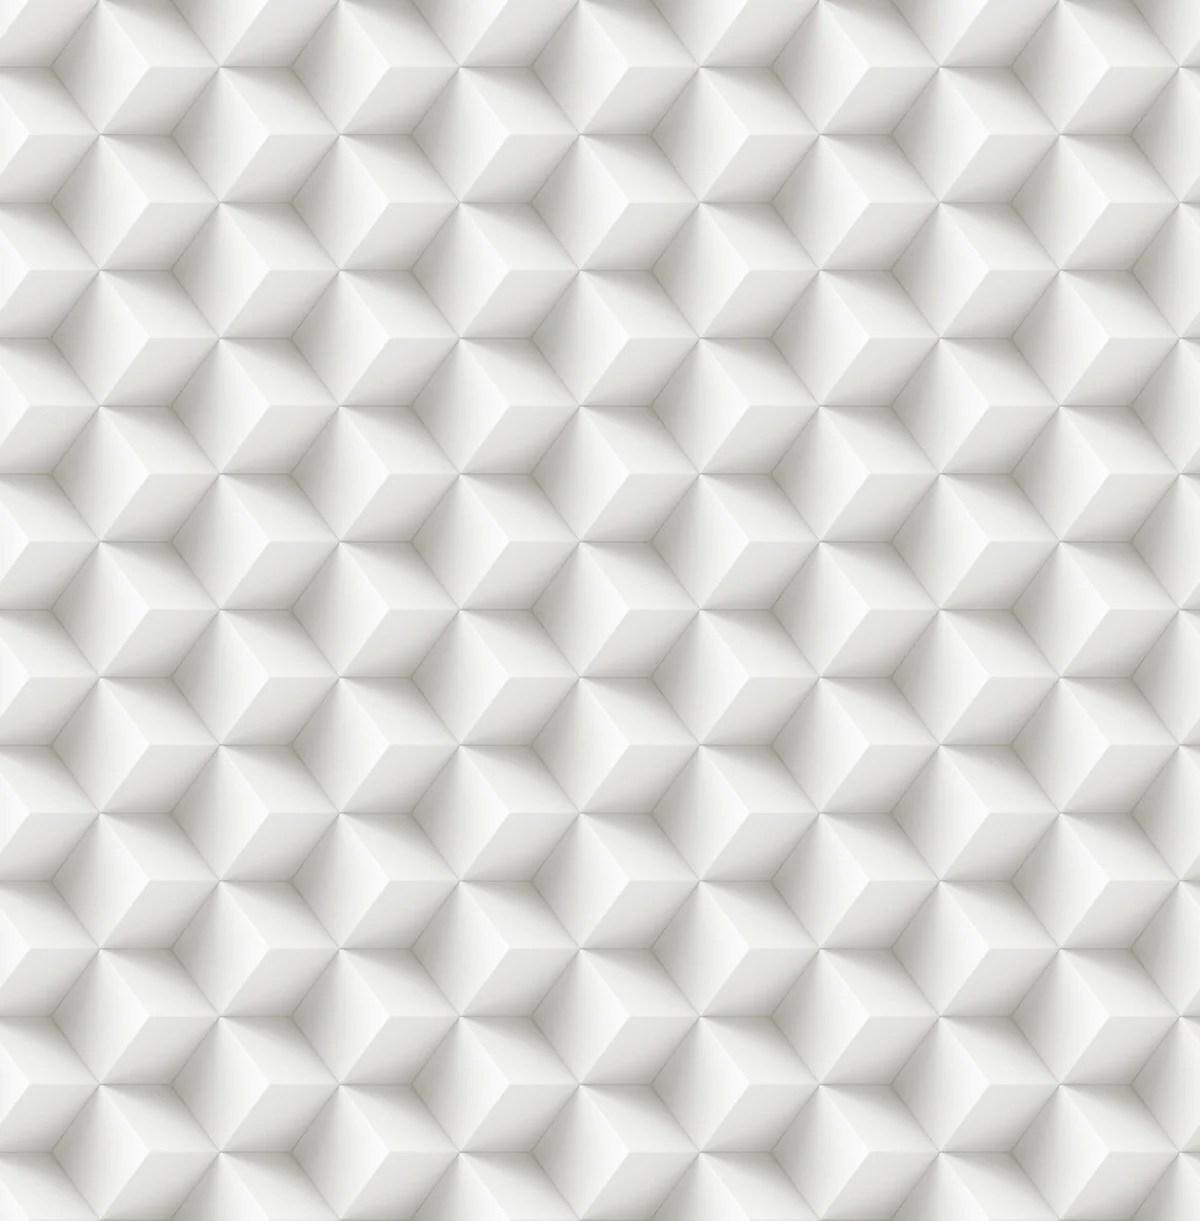 papier peint vinyle 3d carre blanc